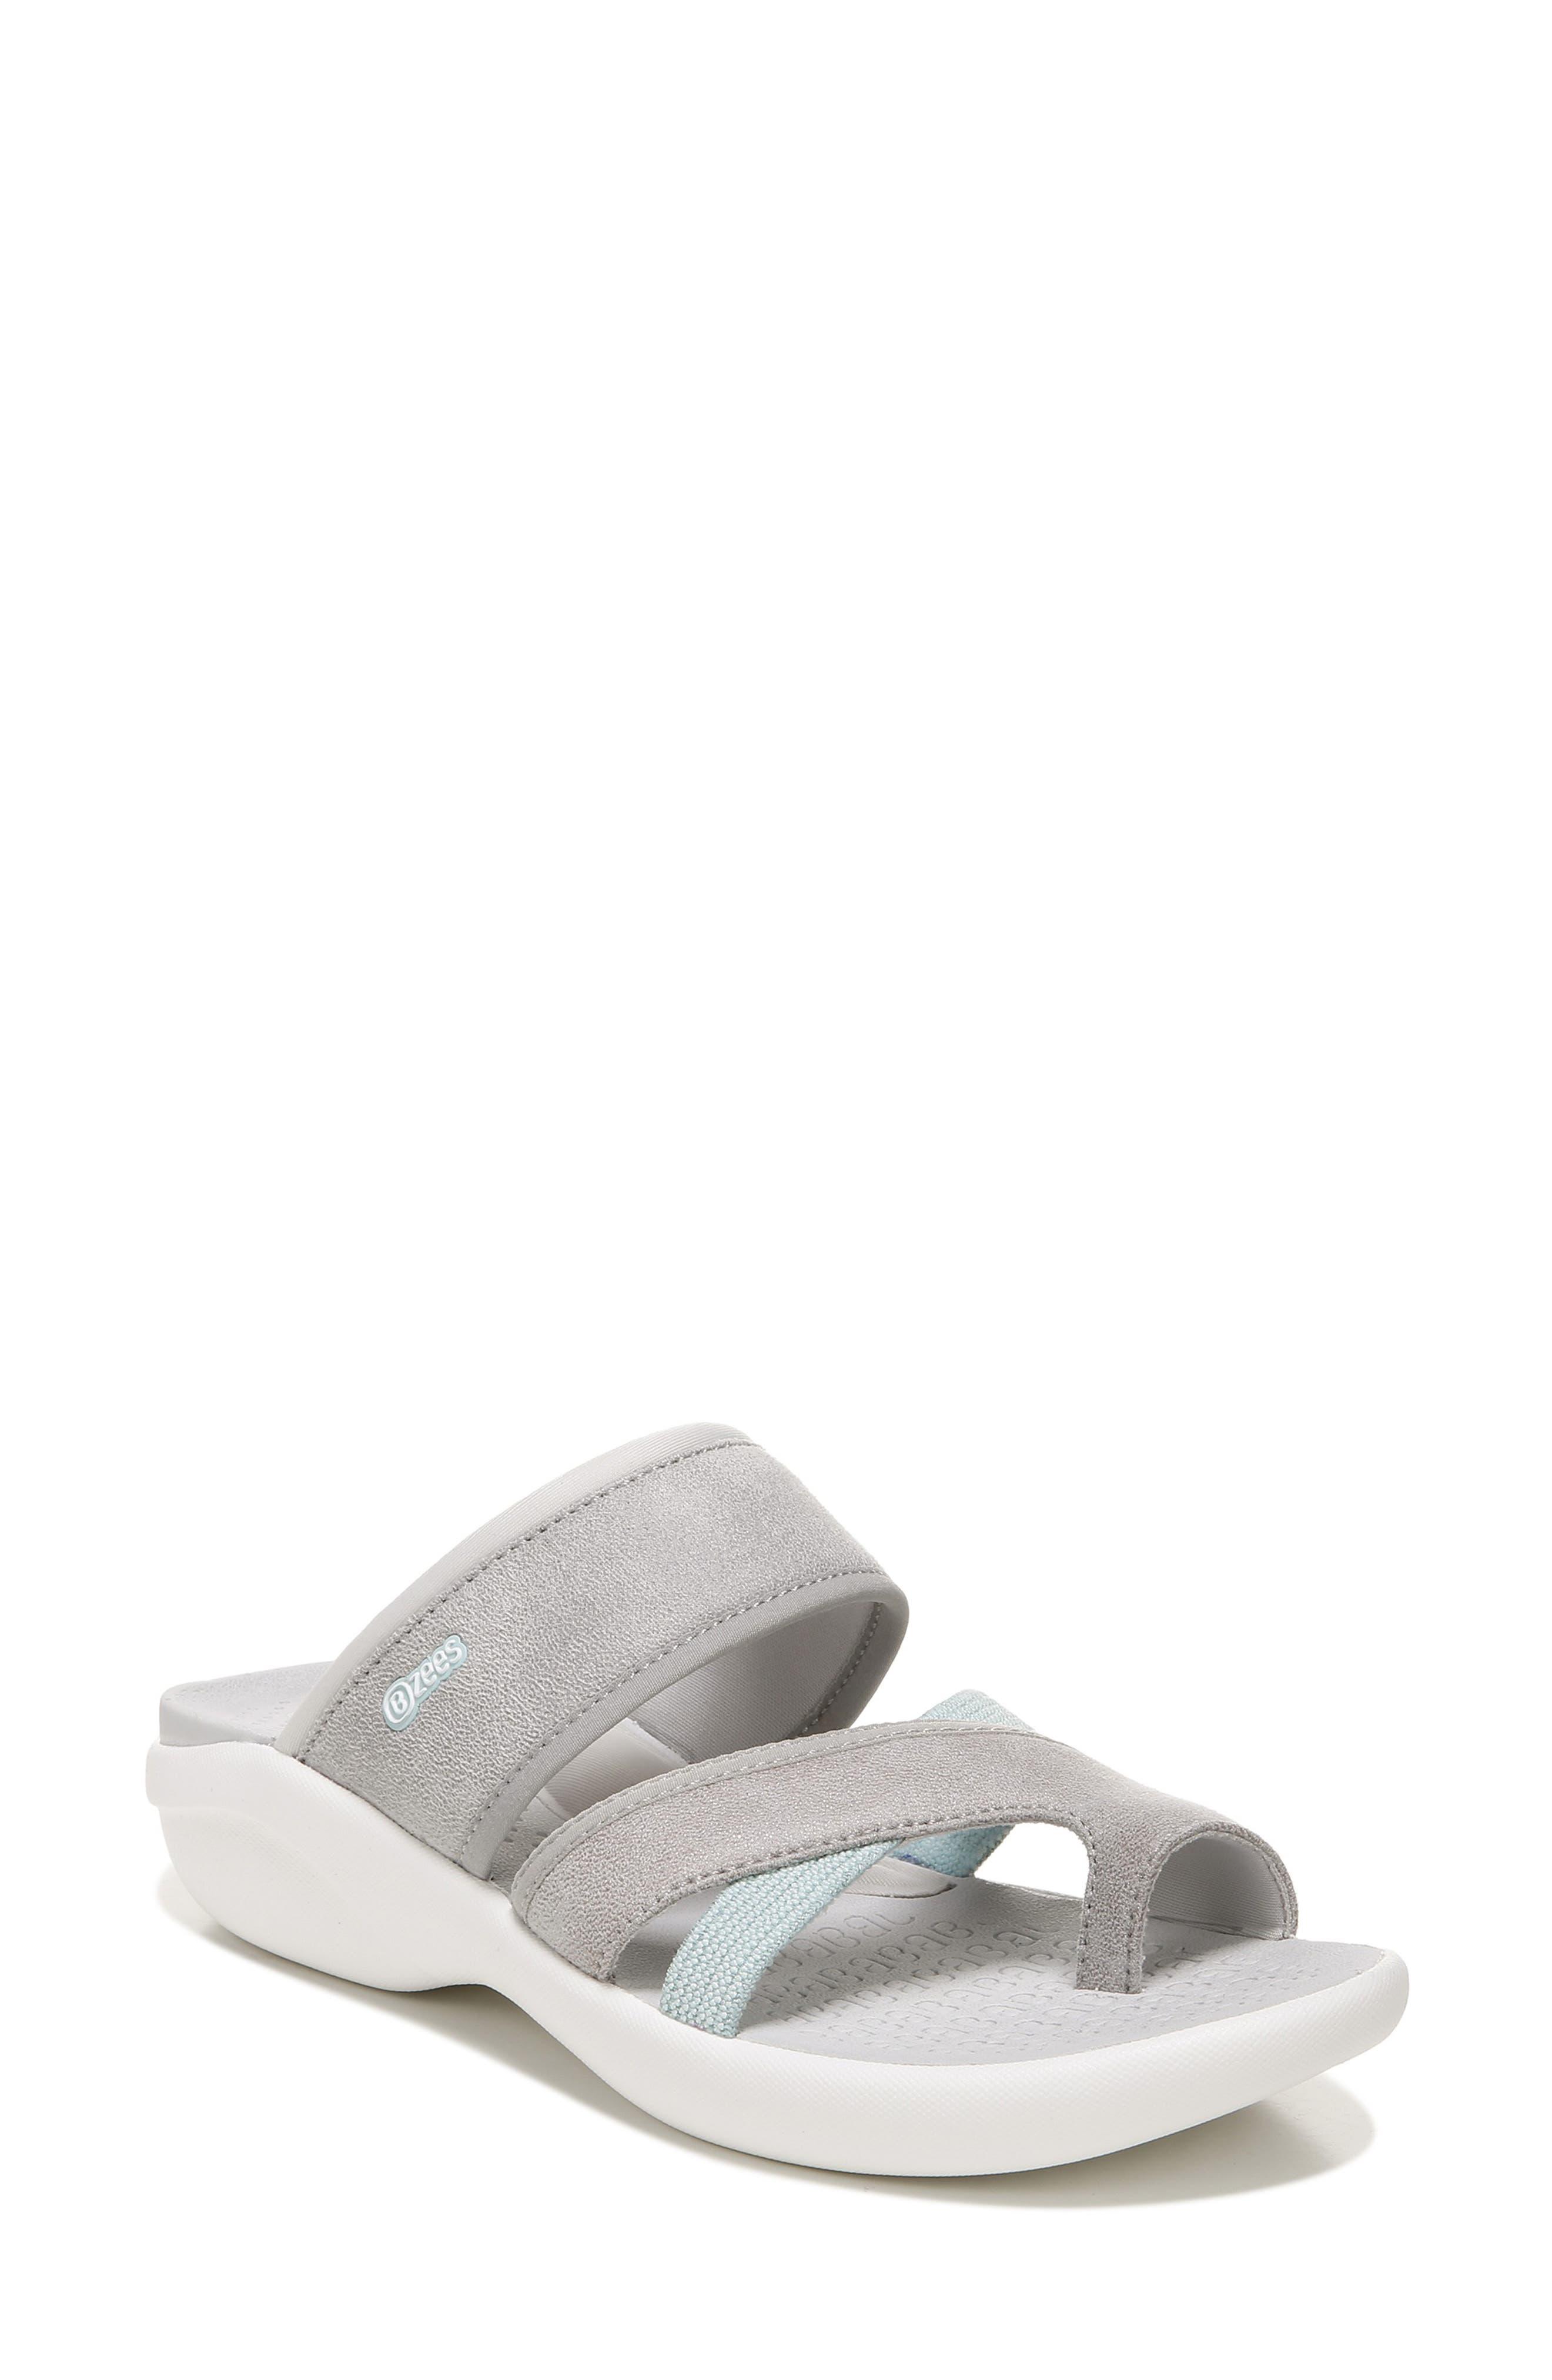 Callie Toe Loop Sandal